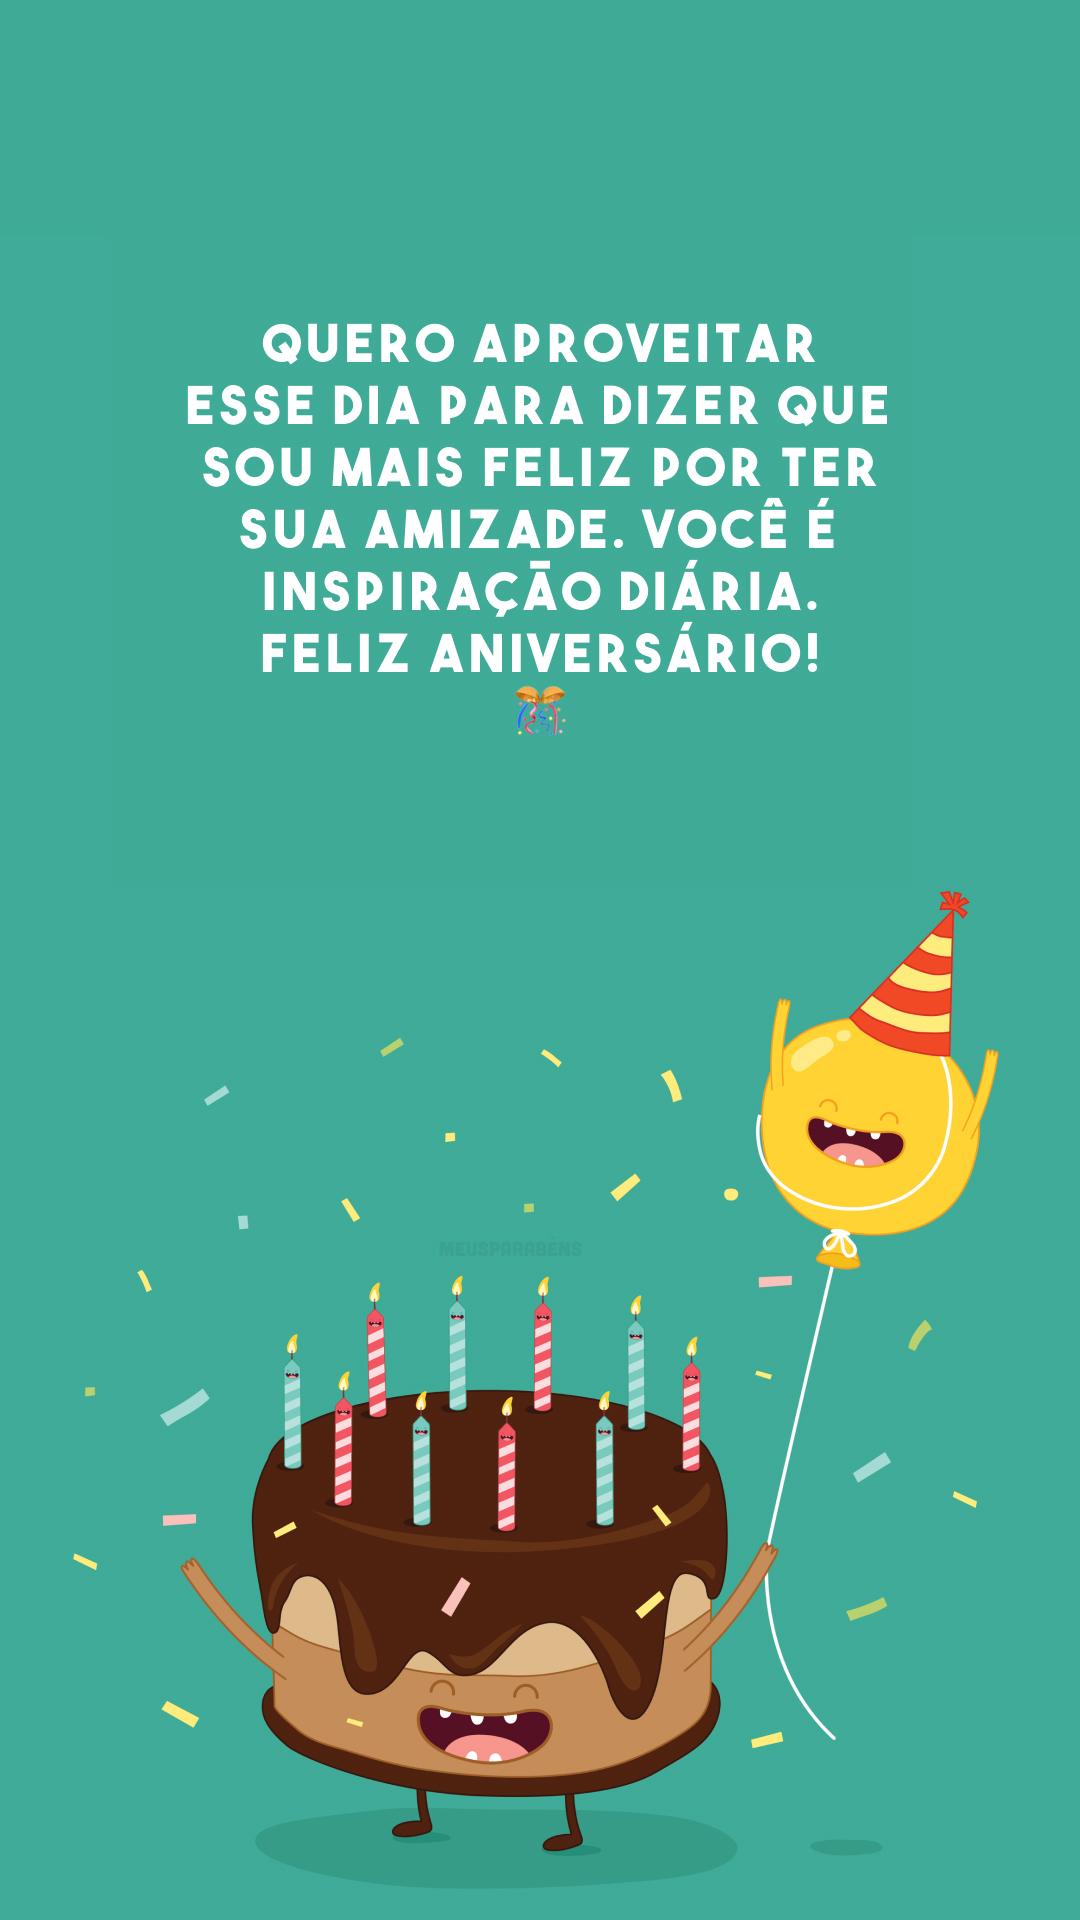 Quero aproveitar esse dia para dizer que sou mais feliz por ter sua amizade. Você é inspiração diária. Feliz aniversário! 🎊